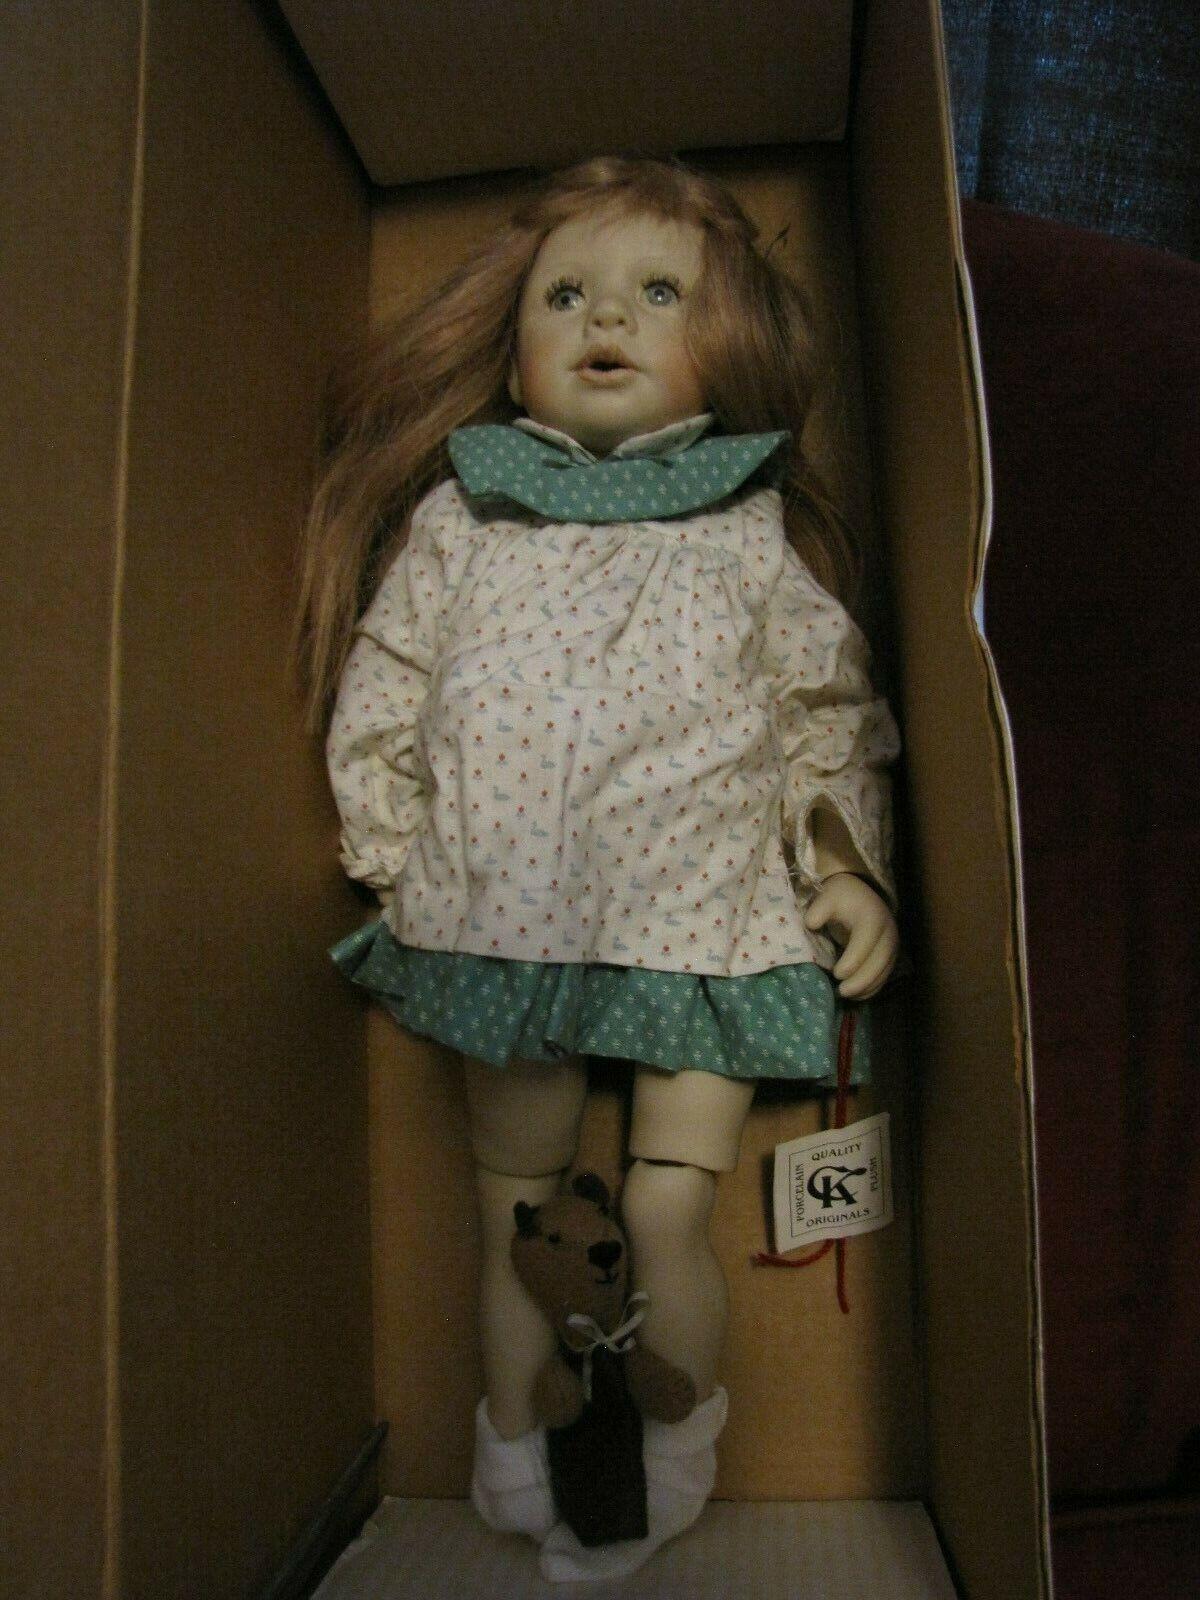 RARE Good-Kruger Fine Arts Series Porcelain Dream Doll